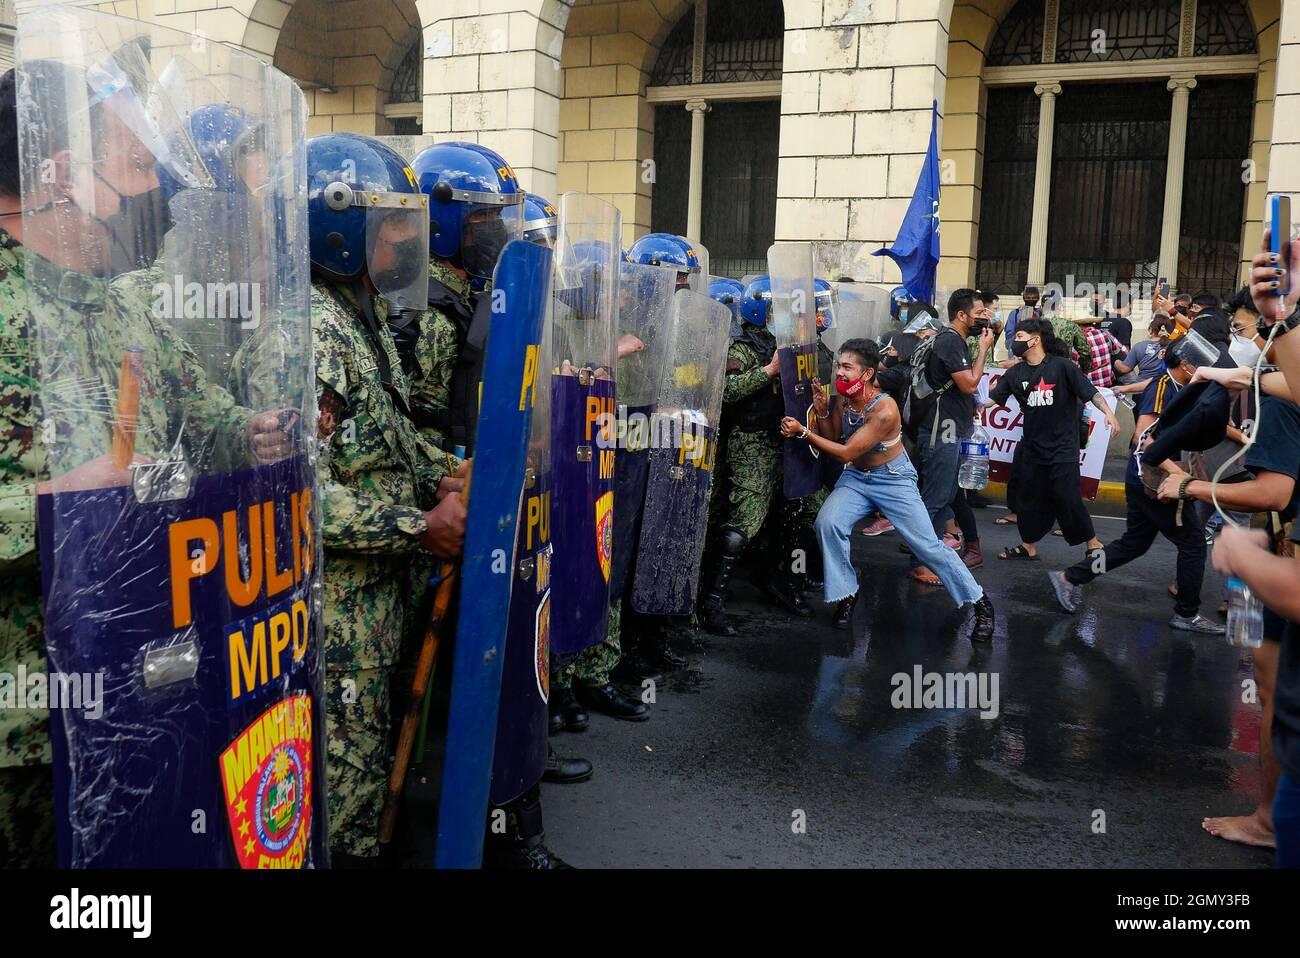 Manille, région de la capitale nationale, Philippines. 21 septembre 2021. Une manifestation tenue le jour de la loi martiale a été déclarée le 21 septembre 1972. Toutefois, la police de Manille bloque un groupe de manifestants se dirigeant vers le monument d'Andres Bonifacio. Ils se sont assemblés pour la première fois à Carriedo, à Manille. Puis la police bloque et disperse le groupe avec un bouclier, des bâtons et un canon à eau.Un manifestant tente de pousser un blocus de police pendant qu'un canon à eau leur a blalé. (Image de crédit : © George BUID/ZUMA Press Wire) Banque D'Images